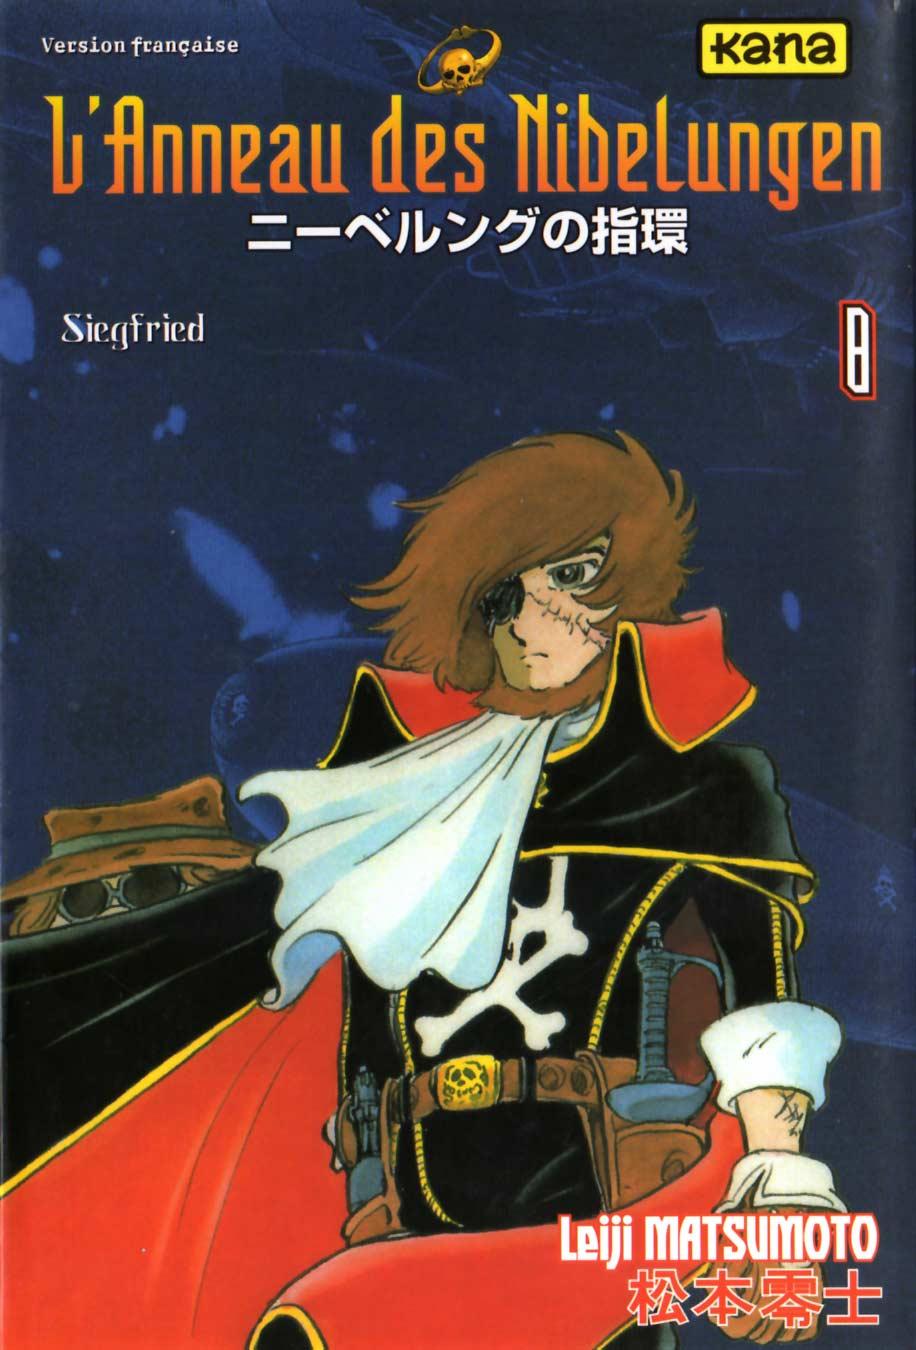 Couverture du Tome 8 : Siegfried (l'Anneau des Nibelungen)